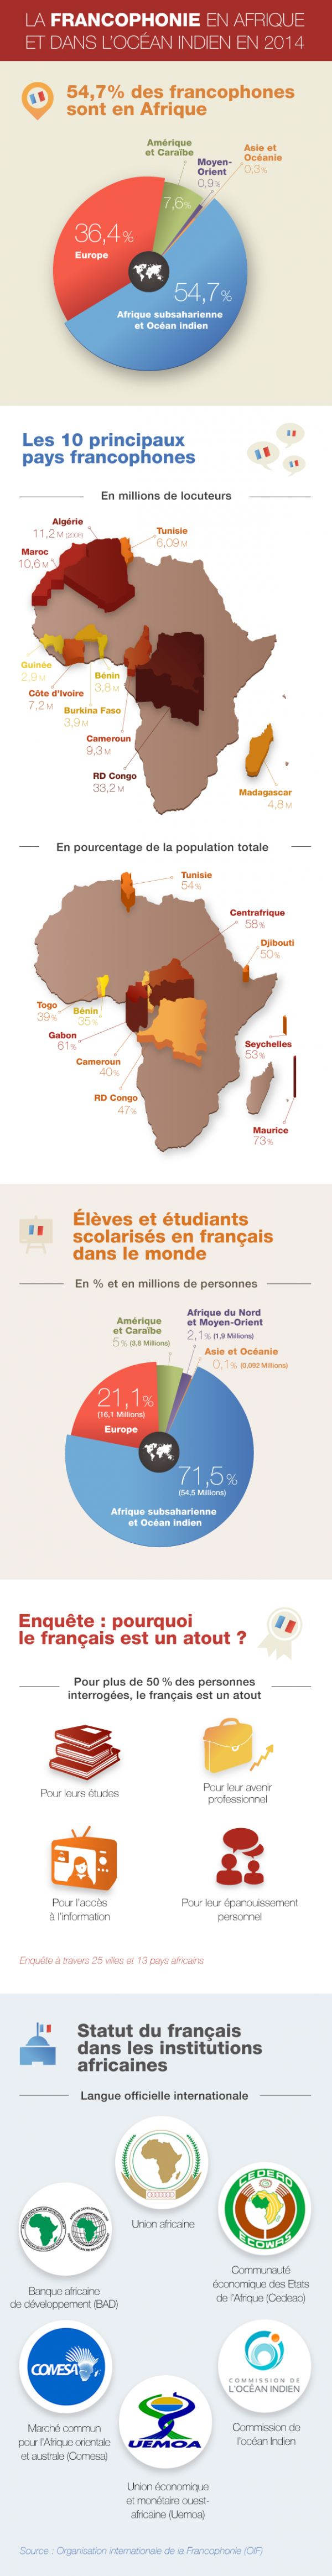 Infographie: La Francophonie en Afrique et dans l'océan Indien en 2014 - Afrique - RFI